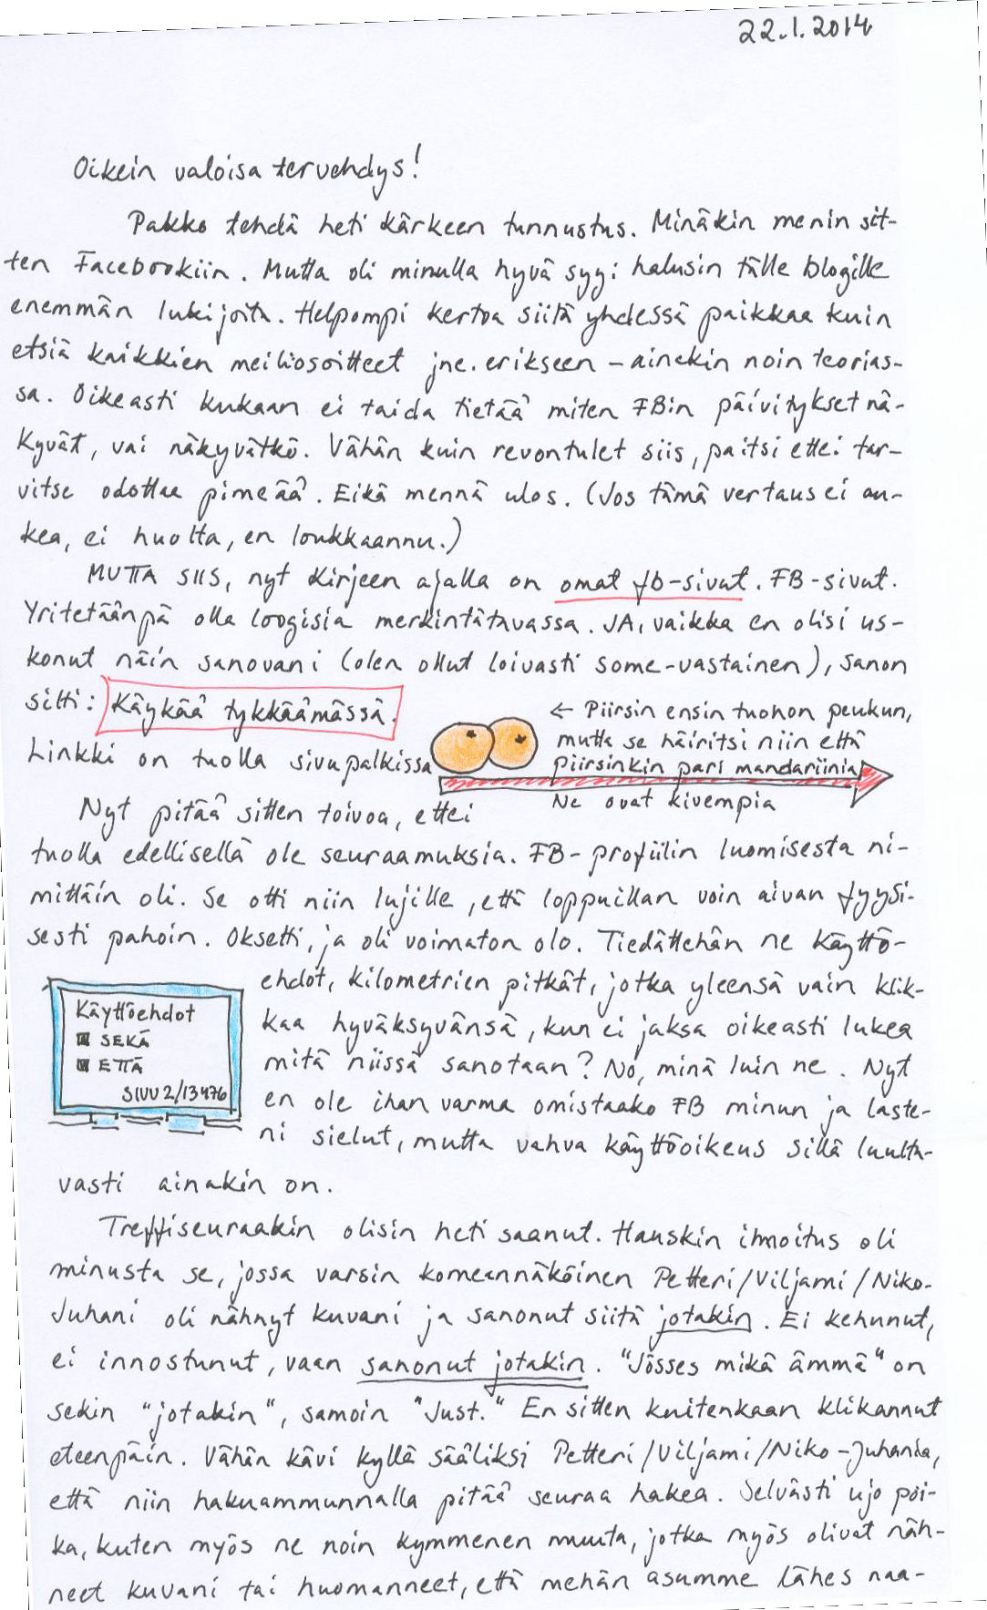 Kirje, jossa kerron uudesta Kirjeen aika - Facebook-sivusta ja kerron, mitä Facebookiin menosta seurasi, sekä pohdin teknisen sanaston päivitystahtia